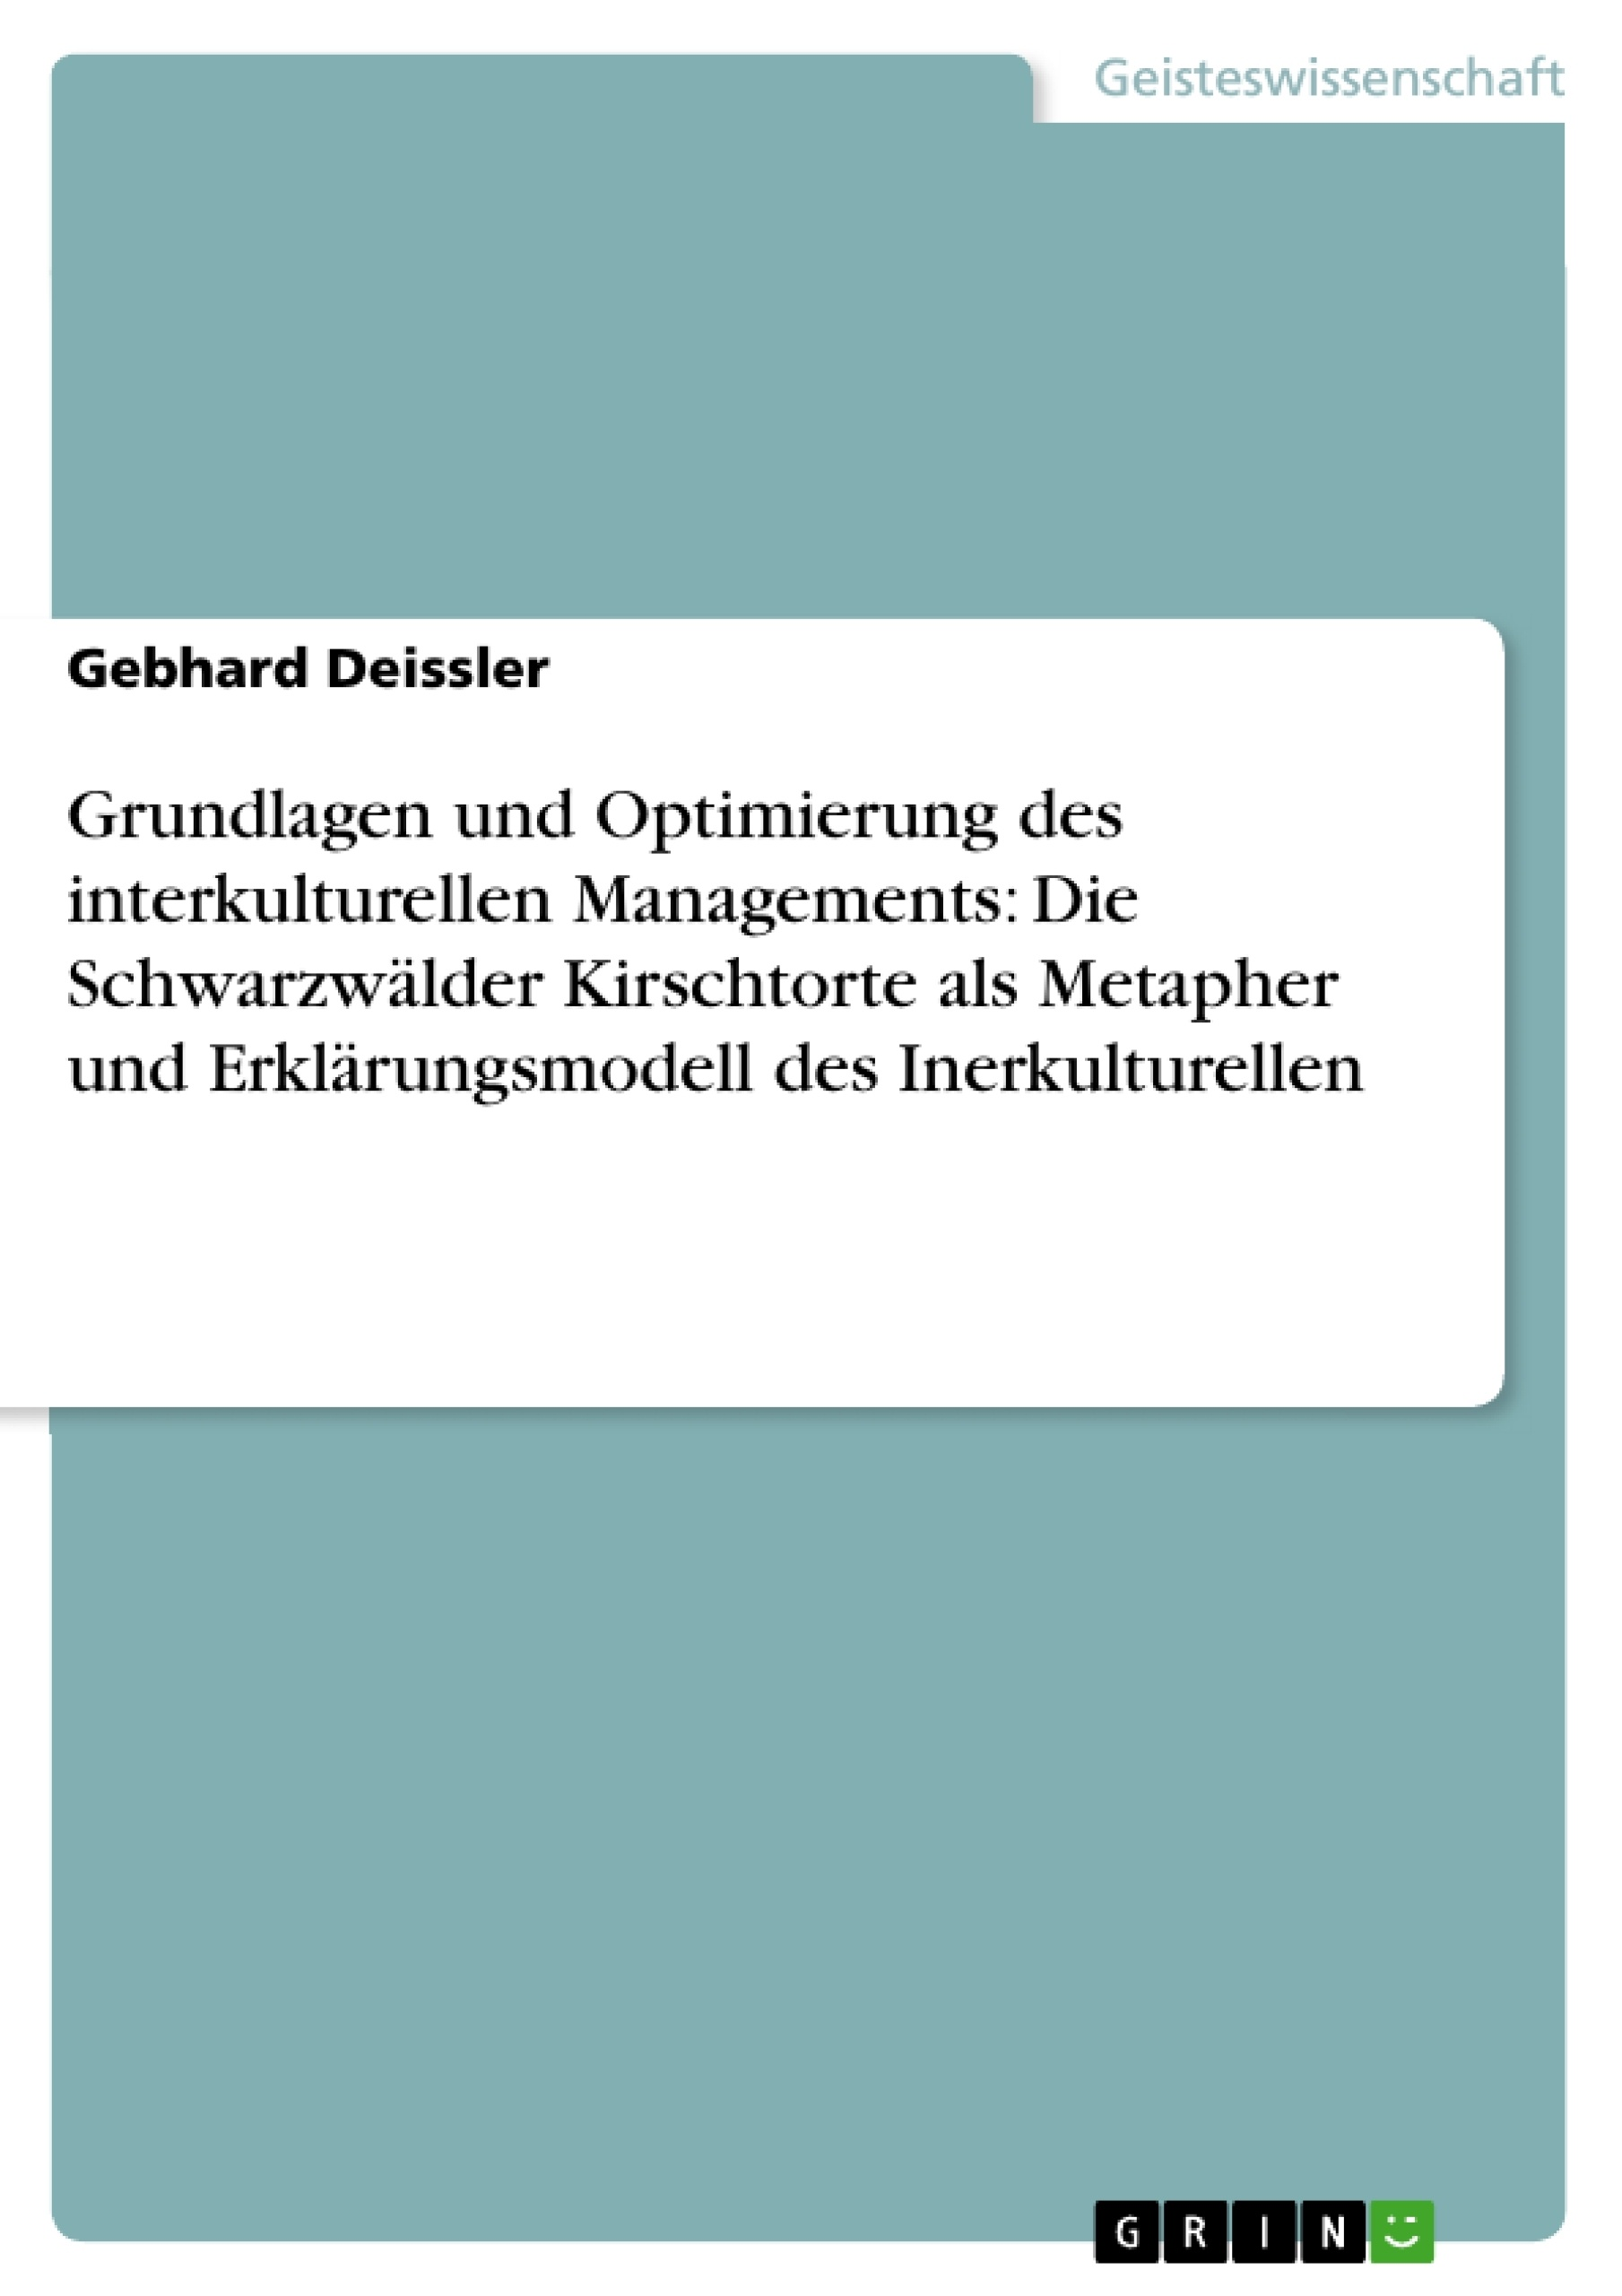 Titel: Grundlagen und Optimierung des interkulturellen Managements: Die Schwarzwälder Kirschtorte als Metapher und Erklärungsmodell des Inerkulturellen